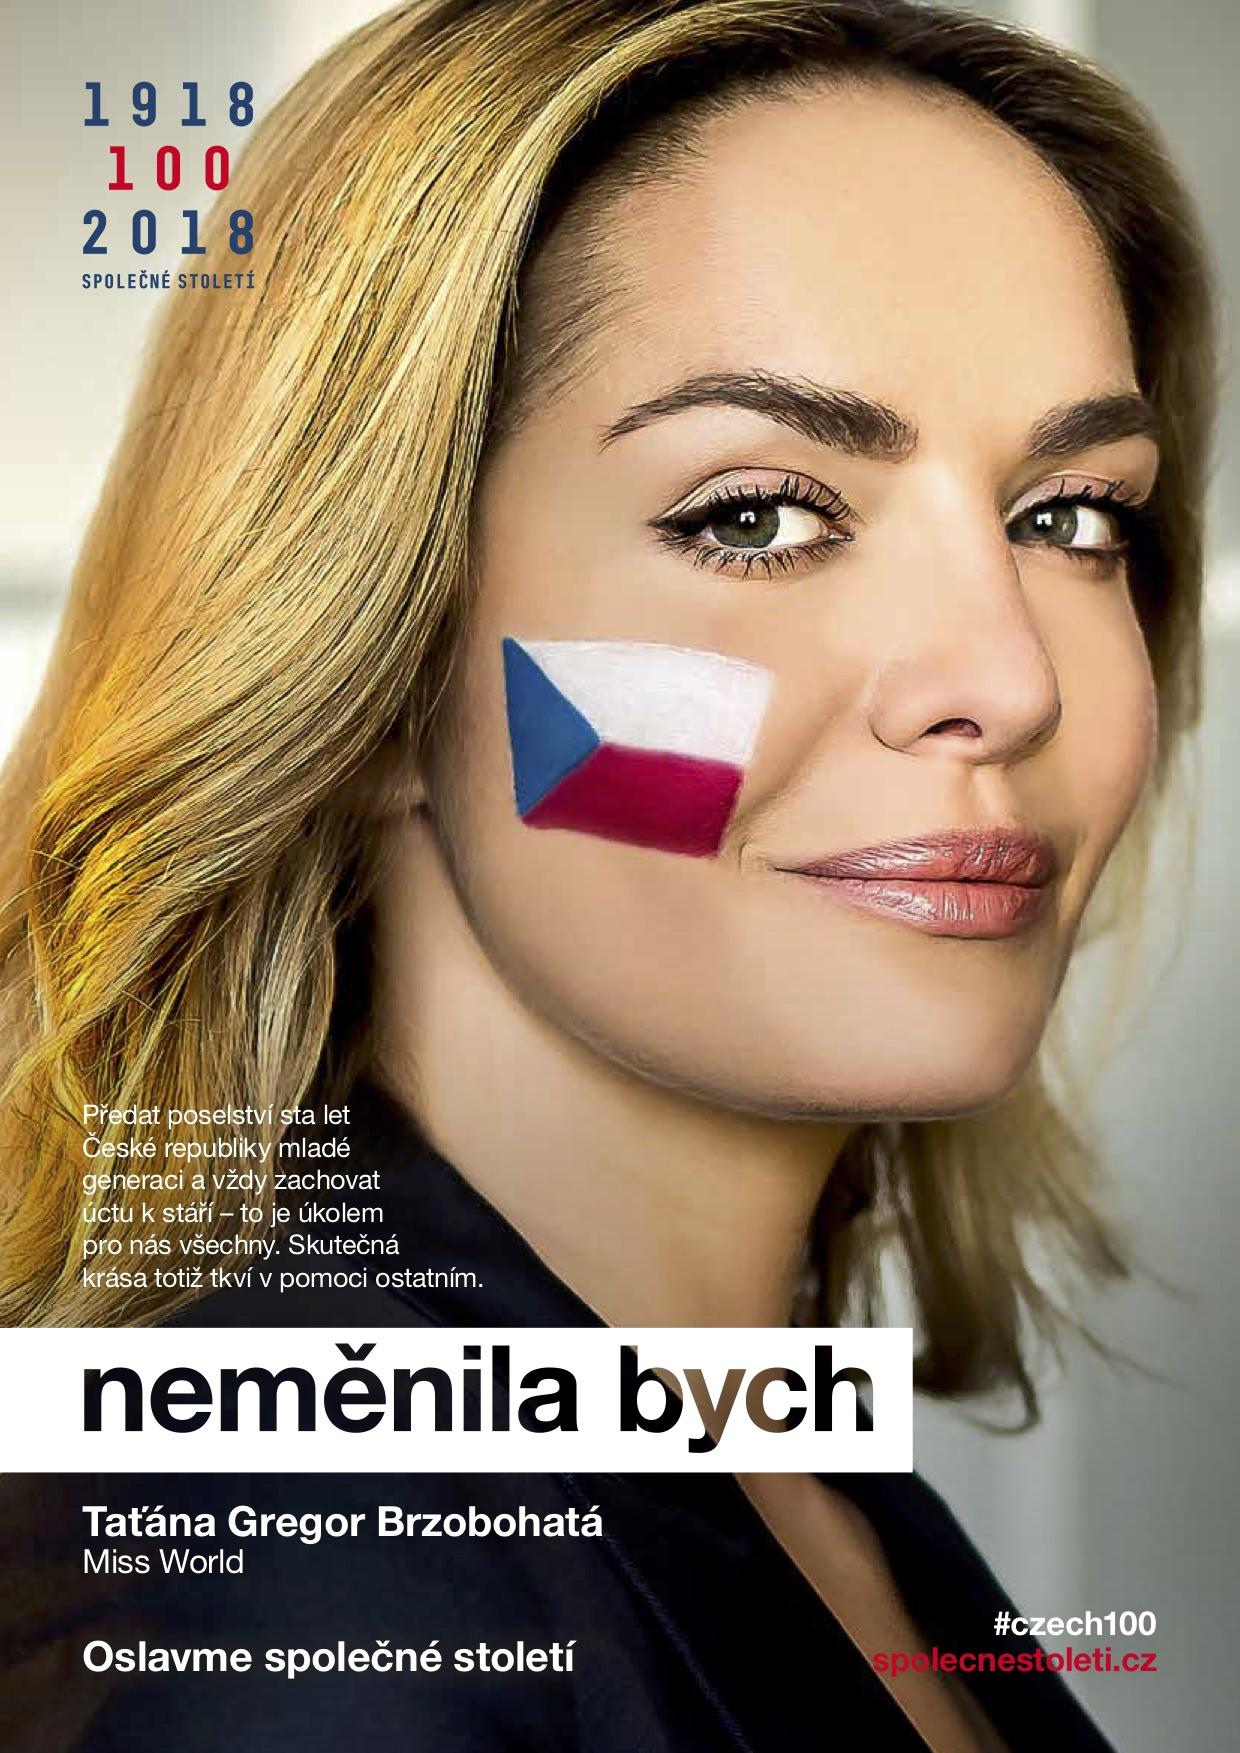 Taťána Kuchařová v kampani Neměnila bych